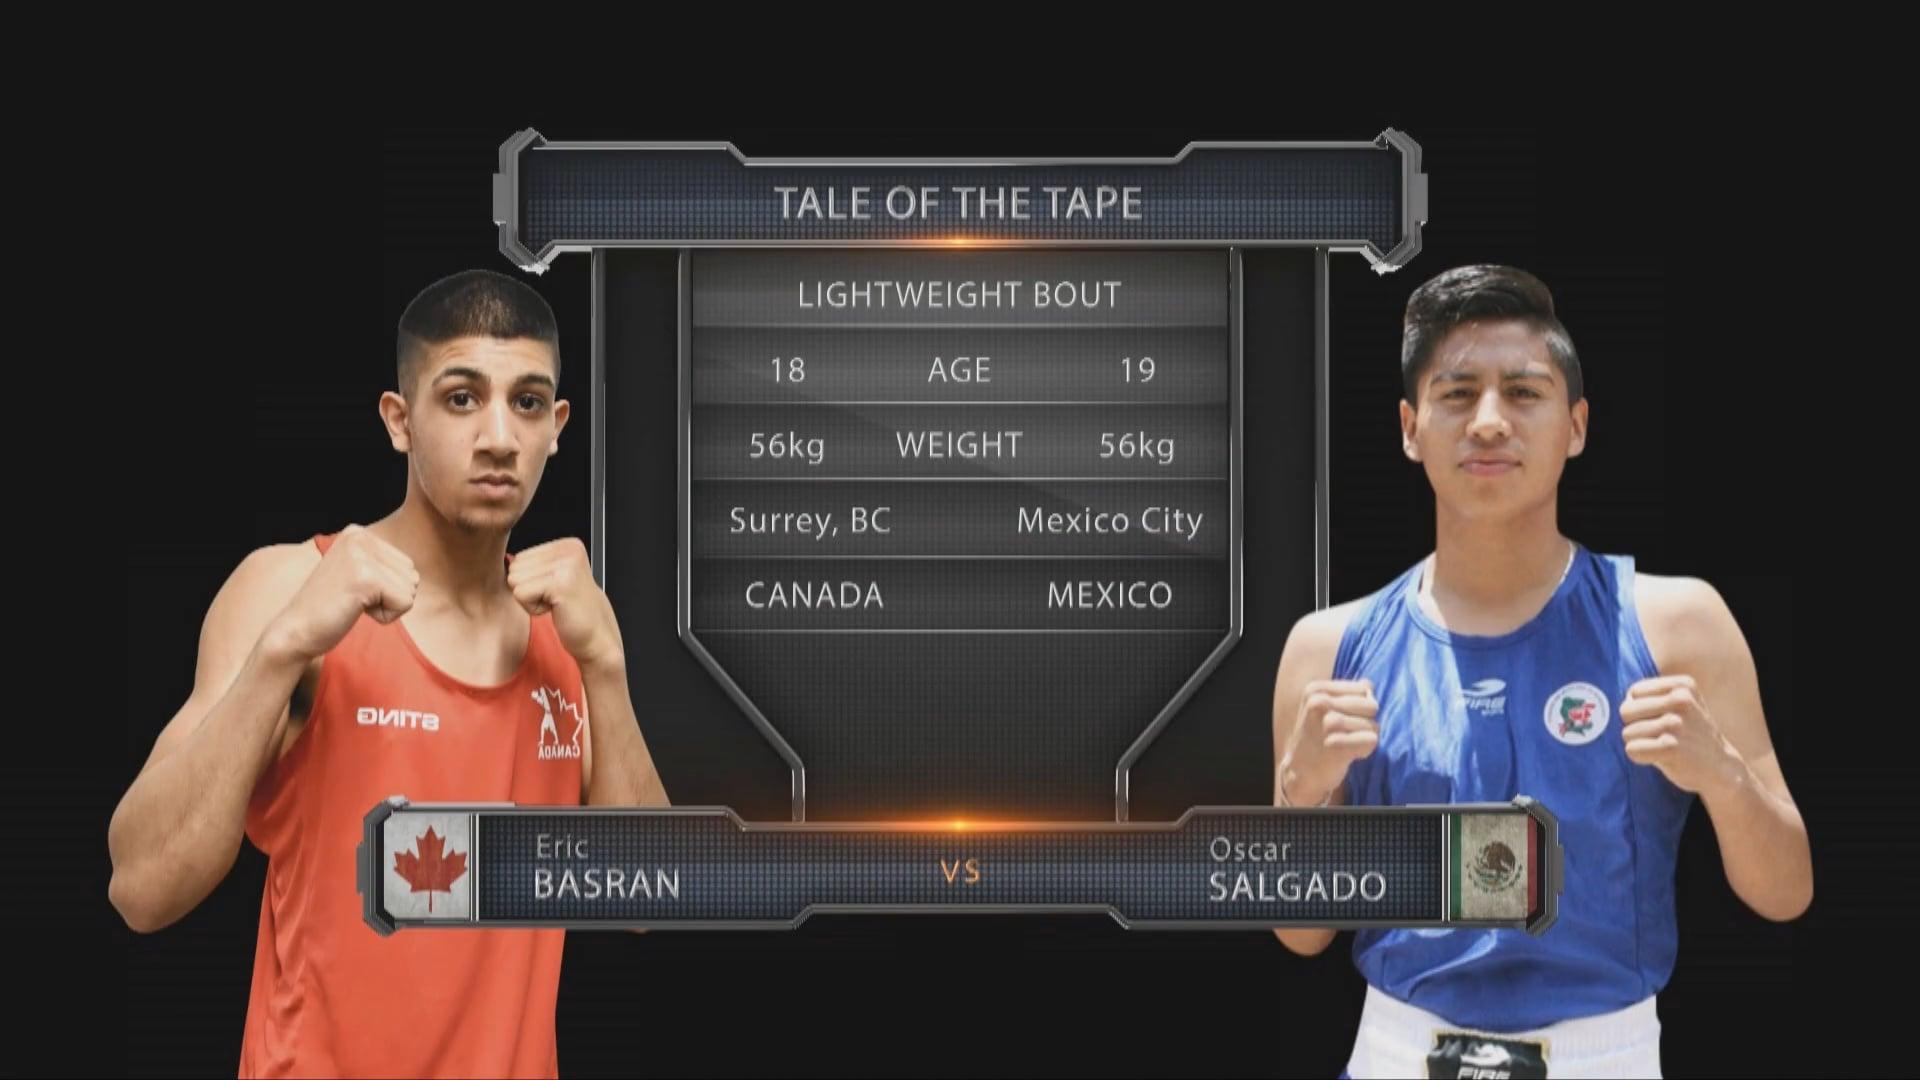 Eric Basran (CAN) vs Oscar Salgado (MEX)